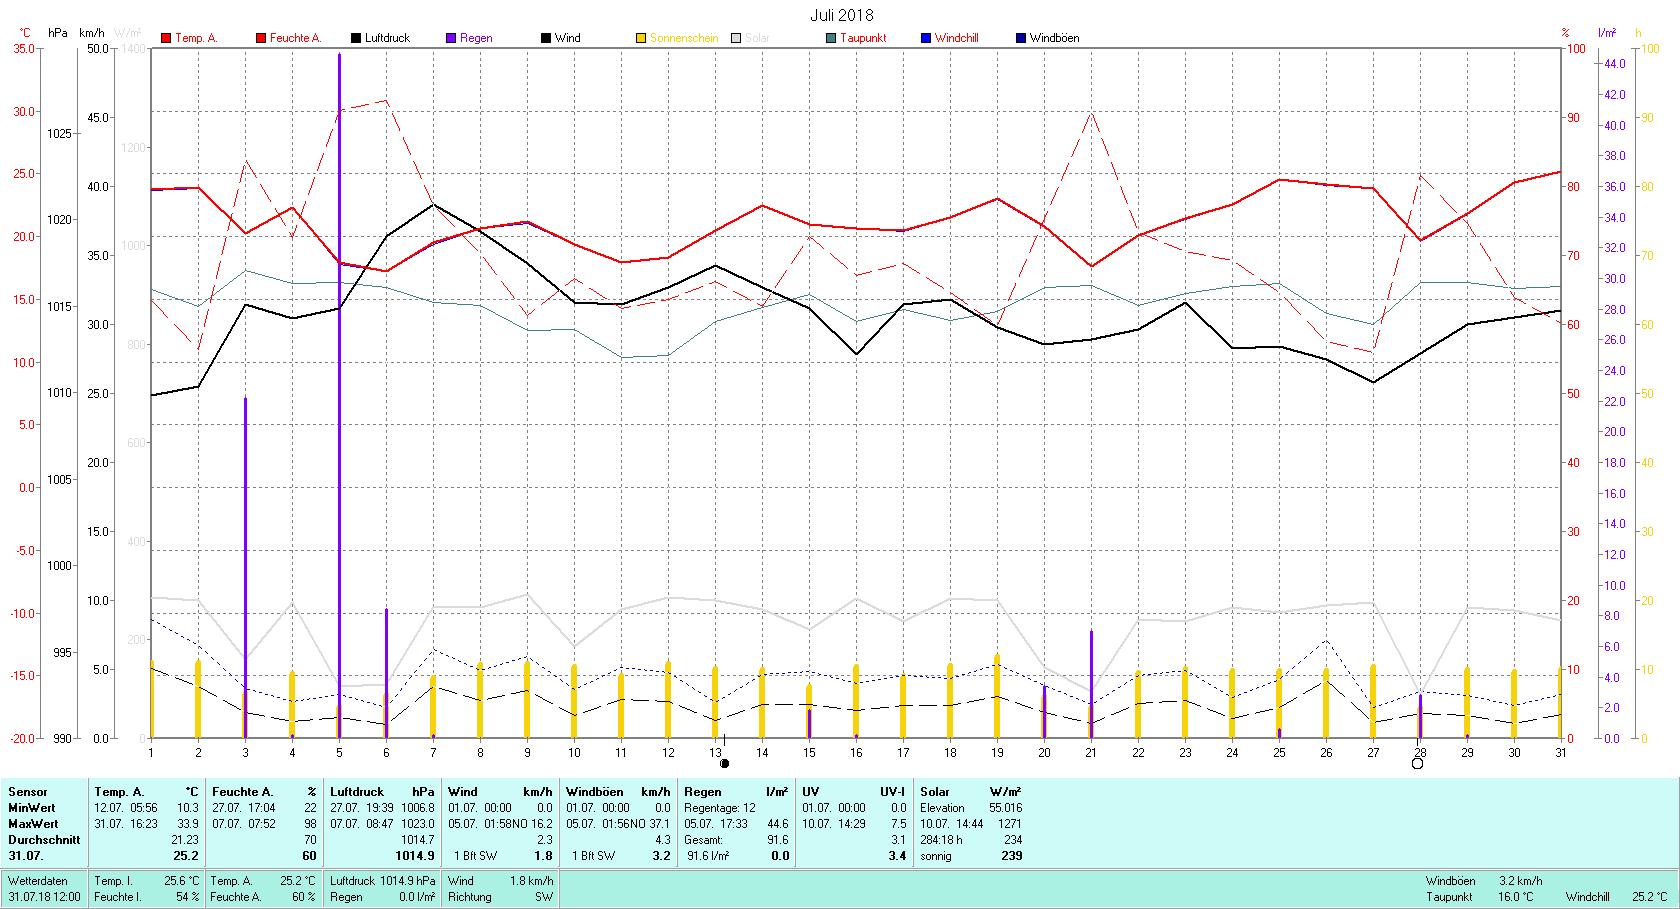 Juli 2018 Tmin 10.3°C, Tmax 33.9°C, Sonne 284:18 h, Niederschlag 91.6mm/2